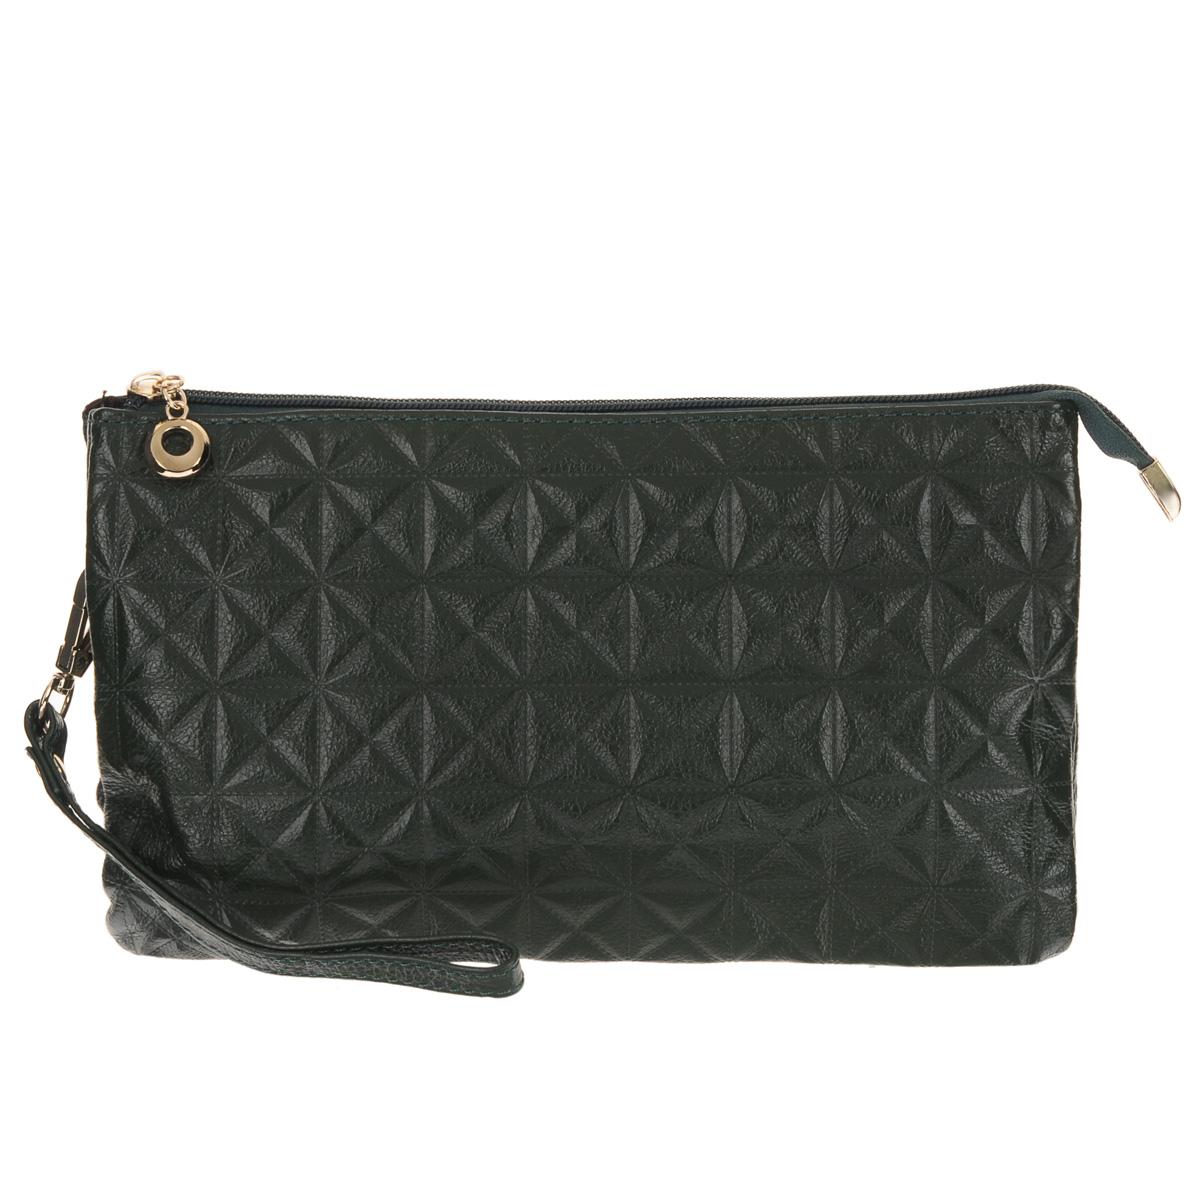 Сумка женская Fancys Bag, цвет: зеленый. B2600-65 - FancyS BagB2600-65Ультрамодная женская сумка Fancys Bag изготовлена из натуральной кожи и декорирована тисненым геометрическим узором. Изделие закрывается на удобную застежку-молнию. Внутреннее отделение разделено посередине карманом. В первом отсеке - один карман для мелочей и четыре прорези для кредитных карт, во втором - врезной карман на застежке-молнии. Тыльная сторона также дополнена карманом на застежке-молнии. В комплект с сумкой входят ручка на запястье и длинный плечевой ремень регулируемой длины. Очаровательная сумка добавит женственных ноток в модный образ и подчеркнет ваш отменный вкус.